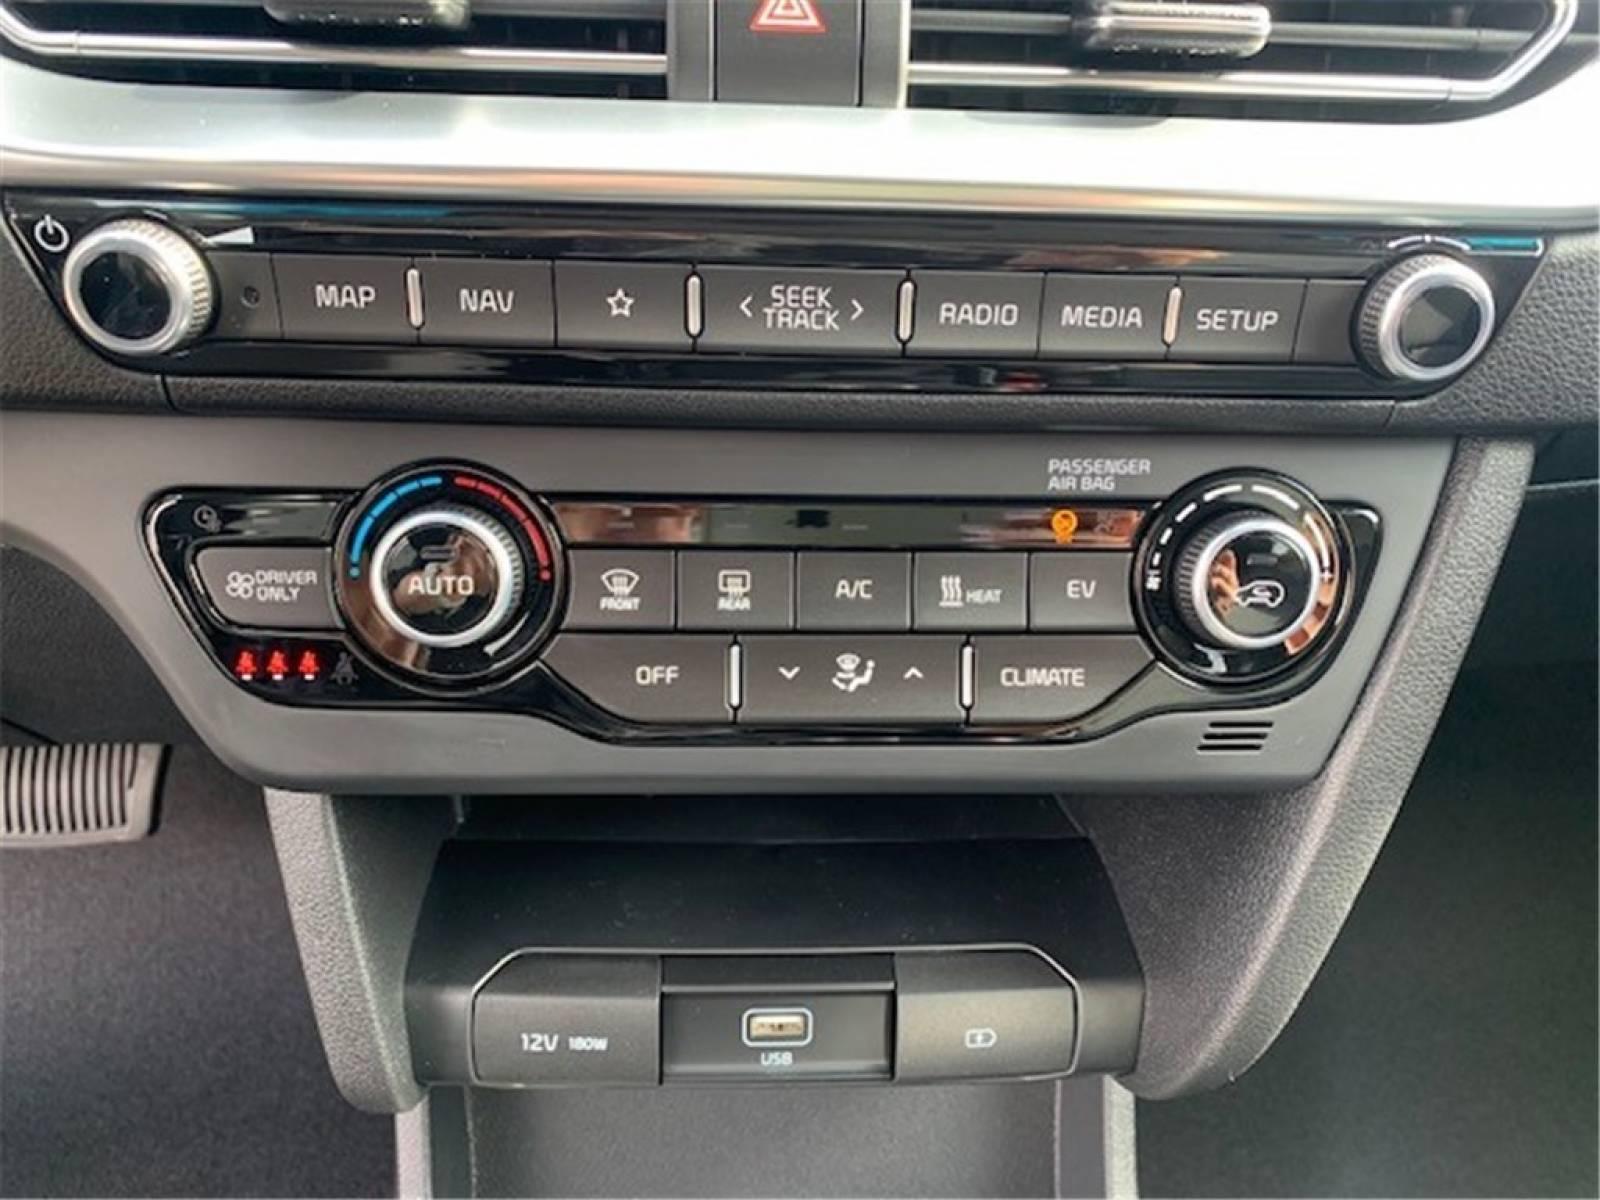 KIA e-Niro Electrique 204 ch - véhicule d'occasion - Groupe Guillet - Hall de l'automobile - Montceau les Mines - 71300 - Montceau-les-Mines - 37